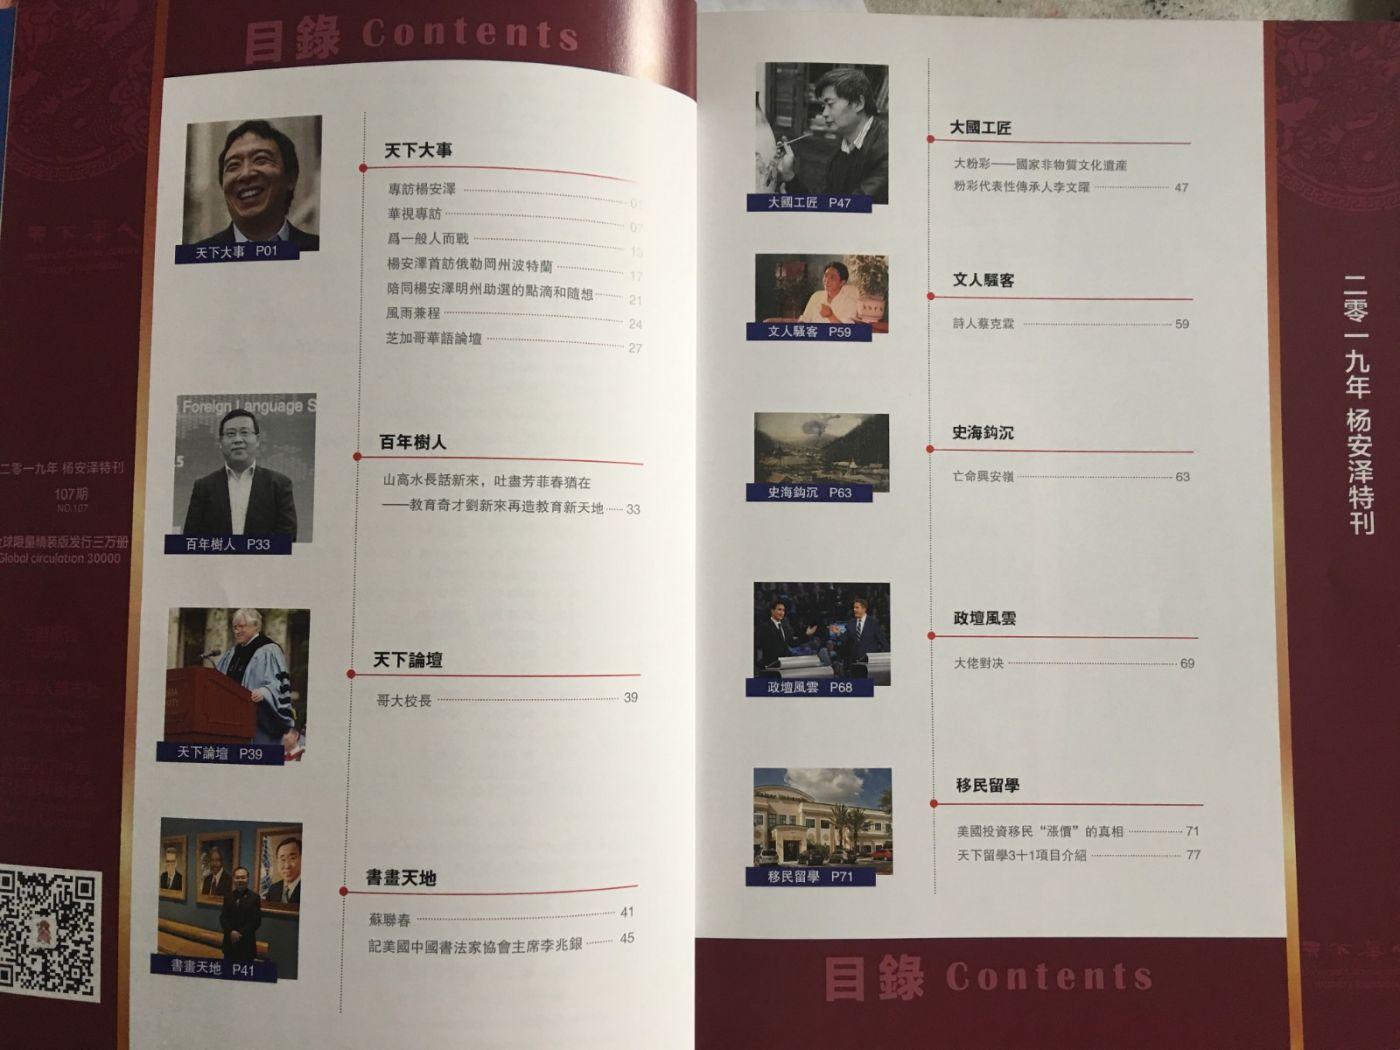 《天下华人》杂志:中国书法走向世界--美国中国书法家协会主席李兆银 ... ... ..._图1-9